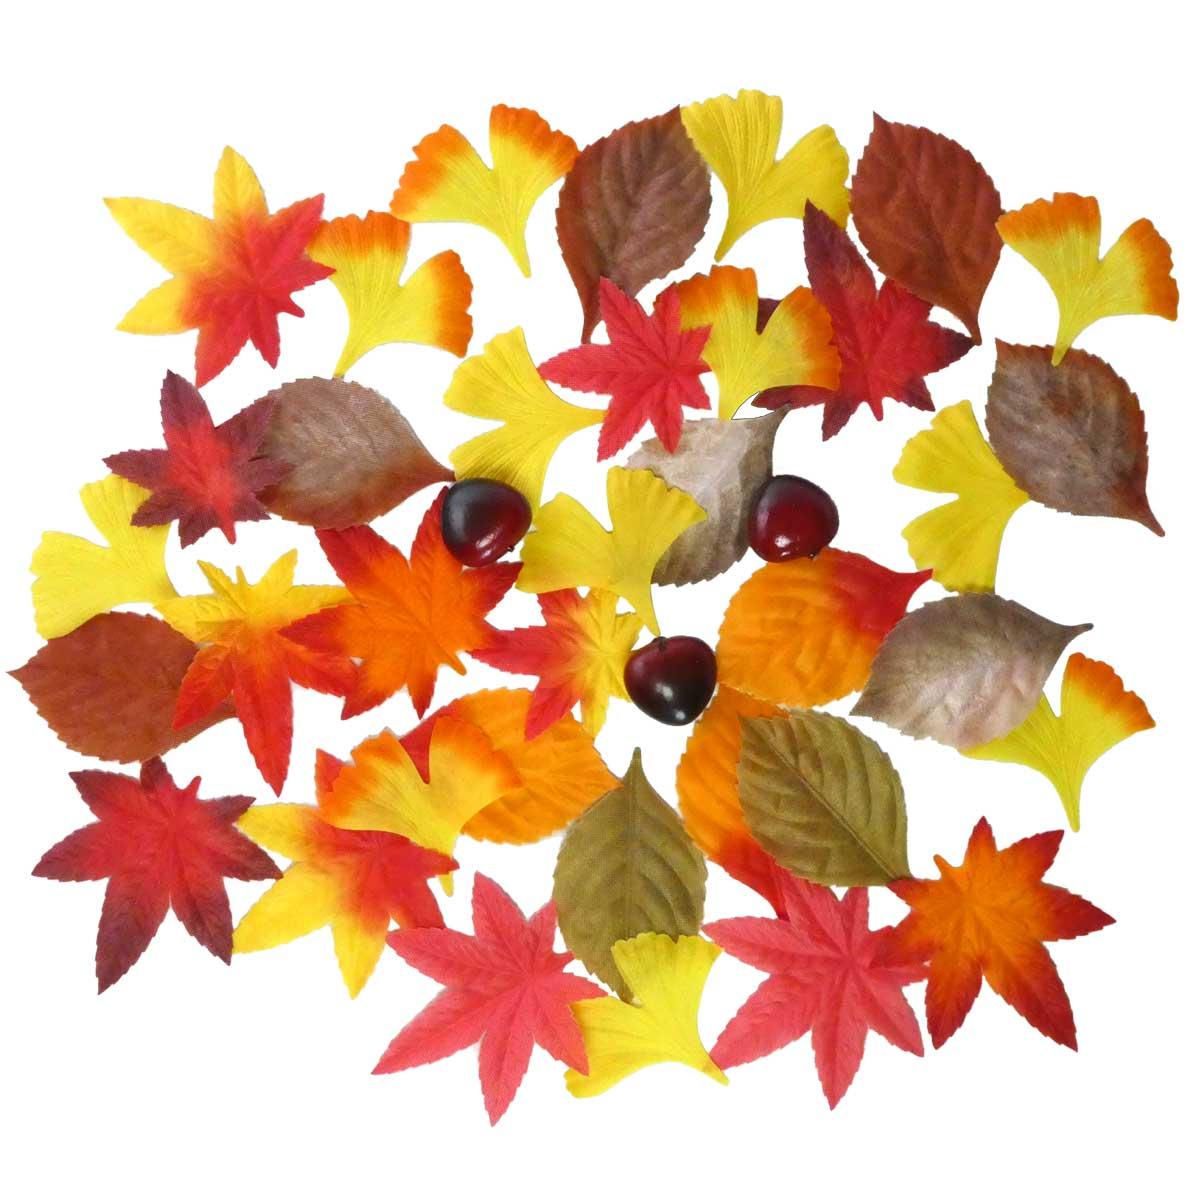 秋の紅葉落ち葉セット_01